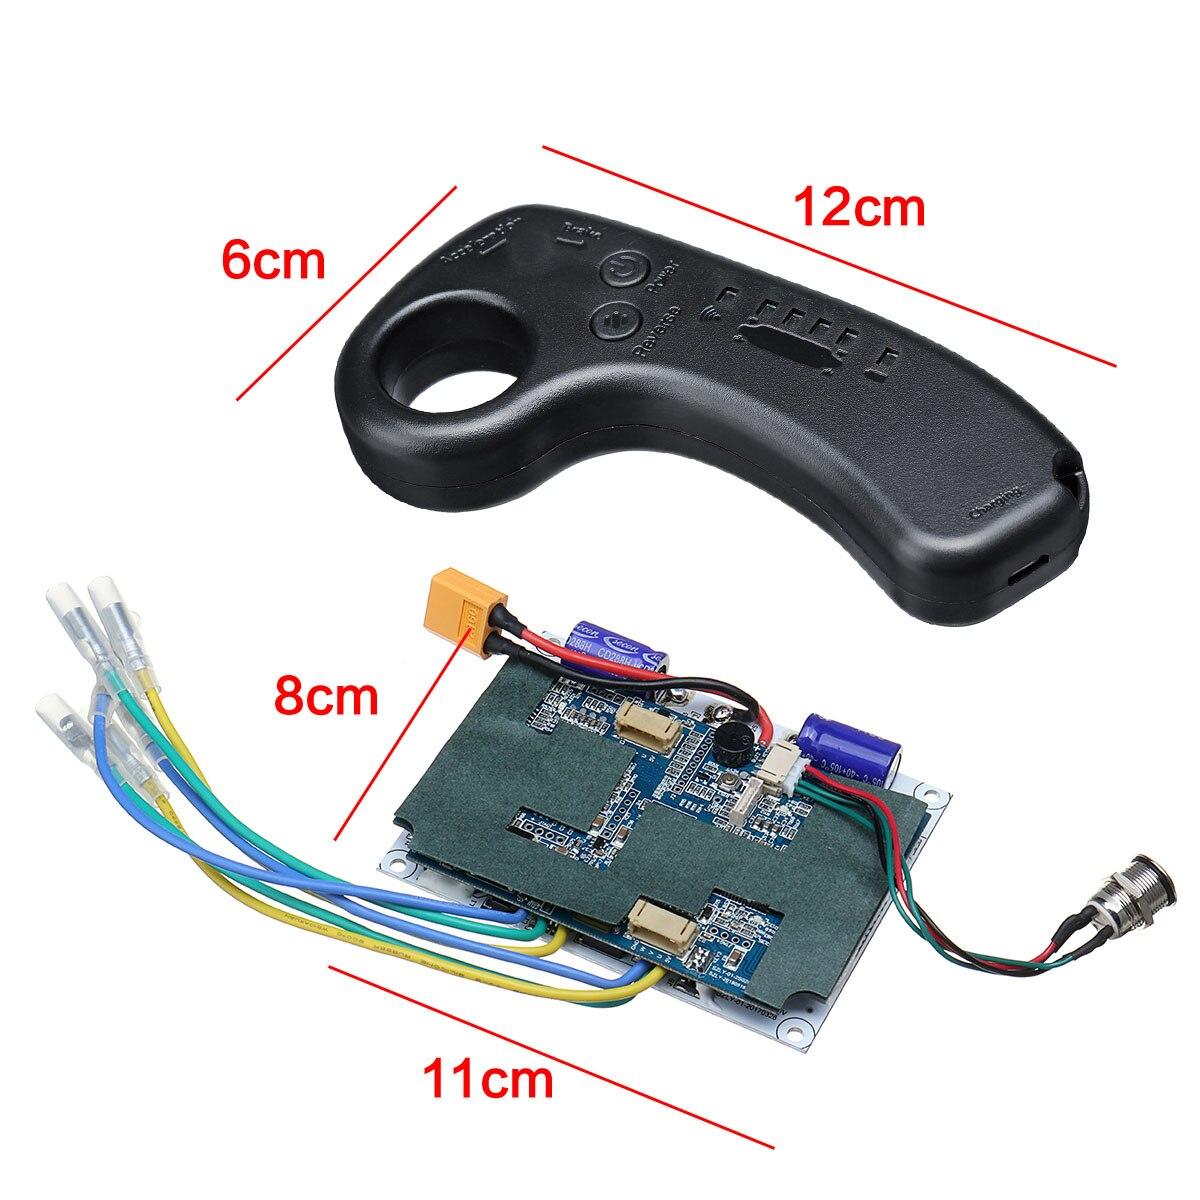 Contrôleur de planche à roulettes électrique Double moteur système d'entraînement Longboard télécommande pour accessoires de planche à roulettes Scooter - 6